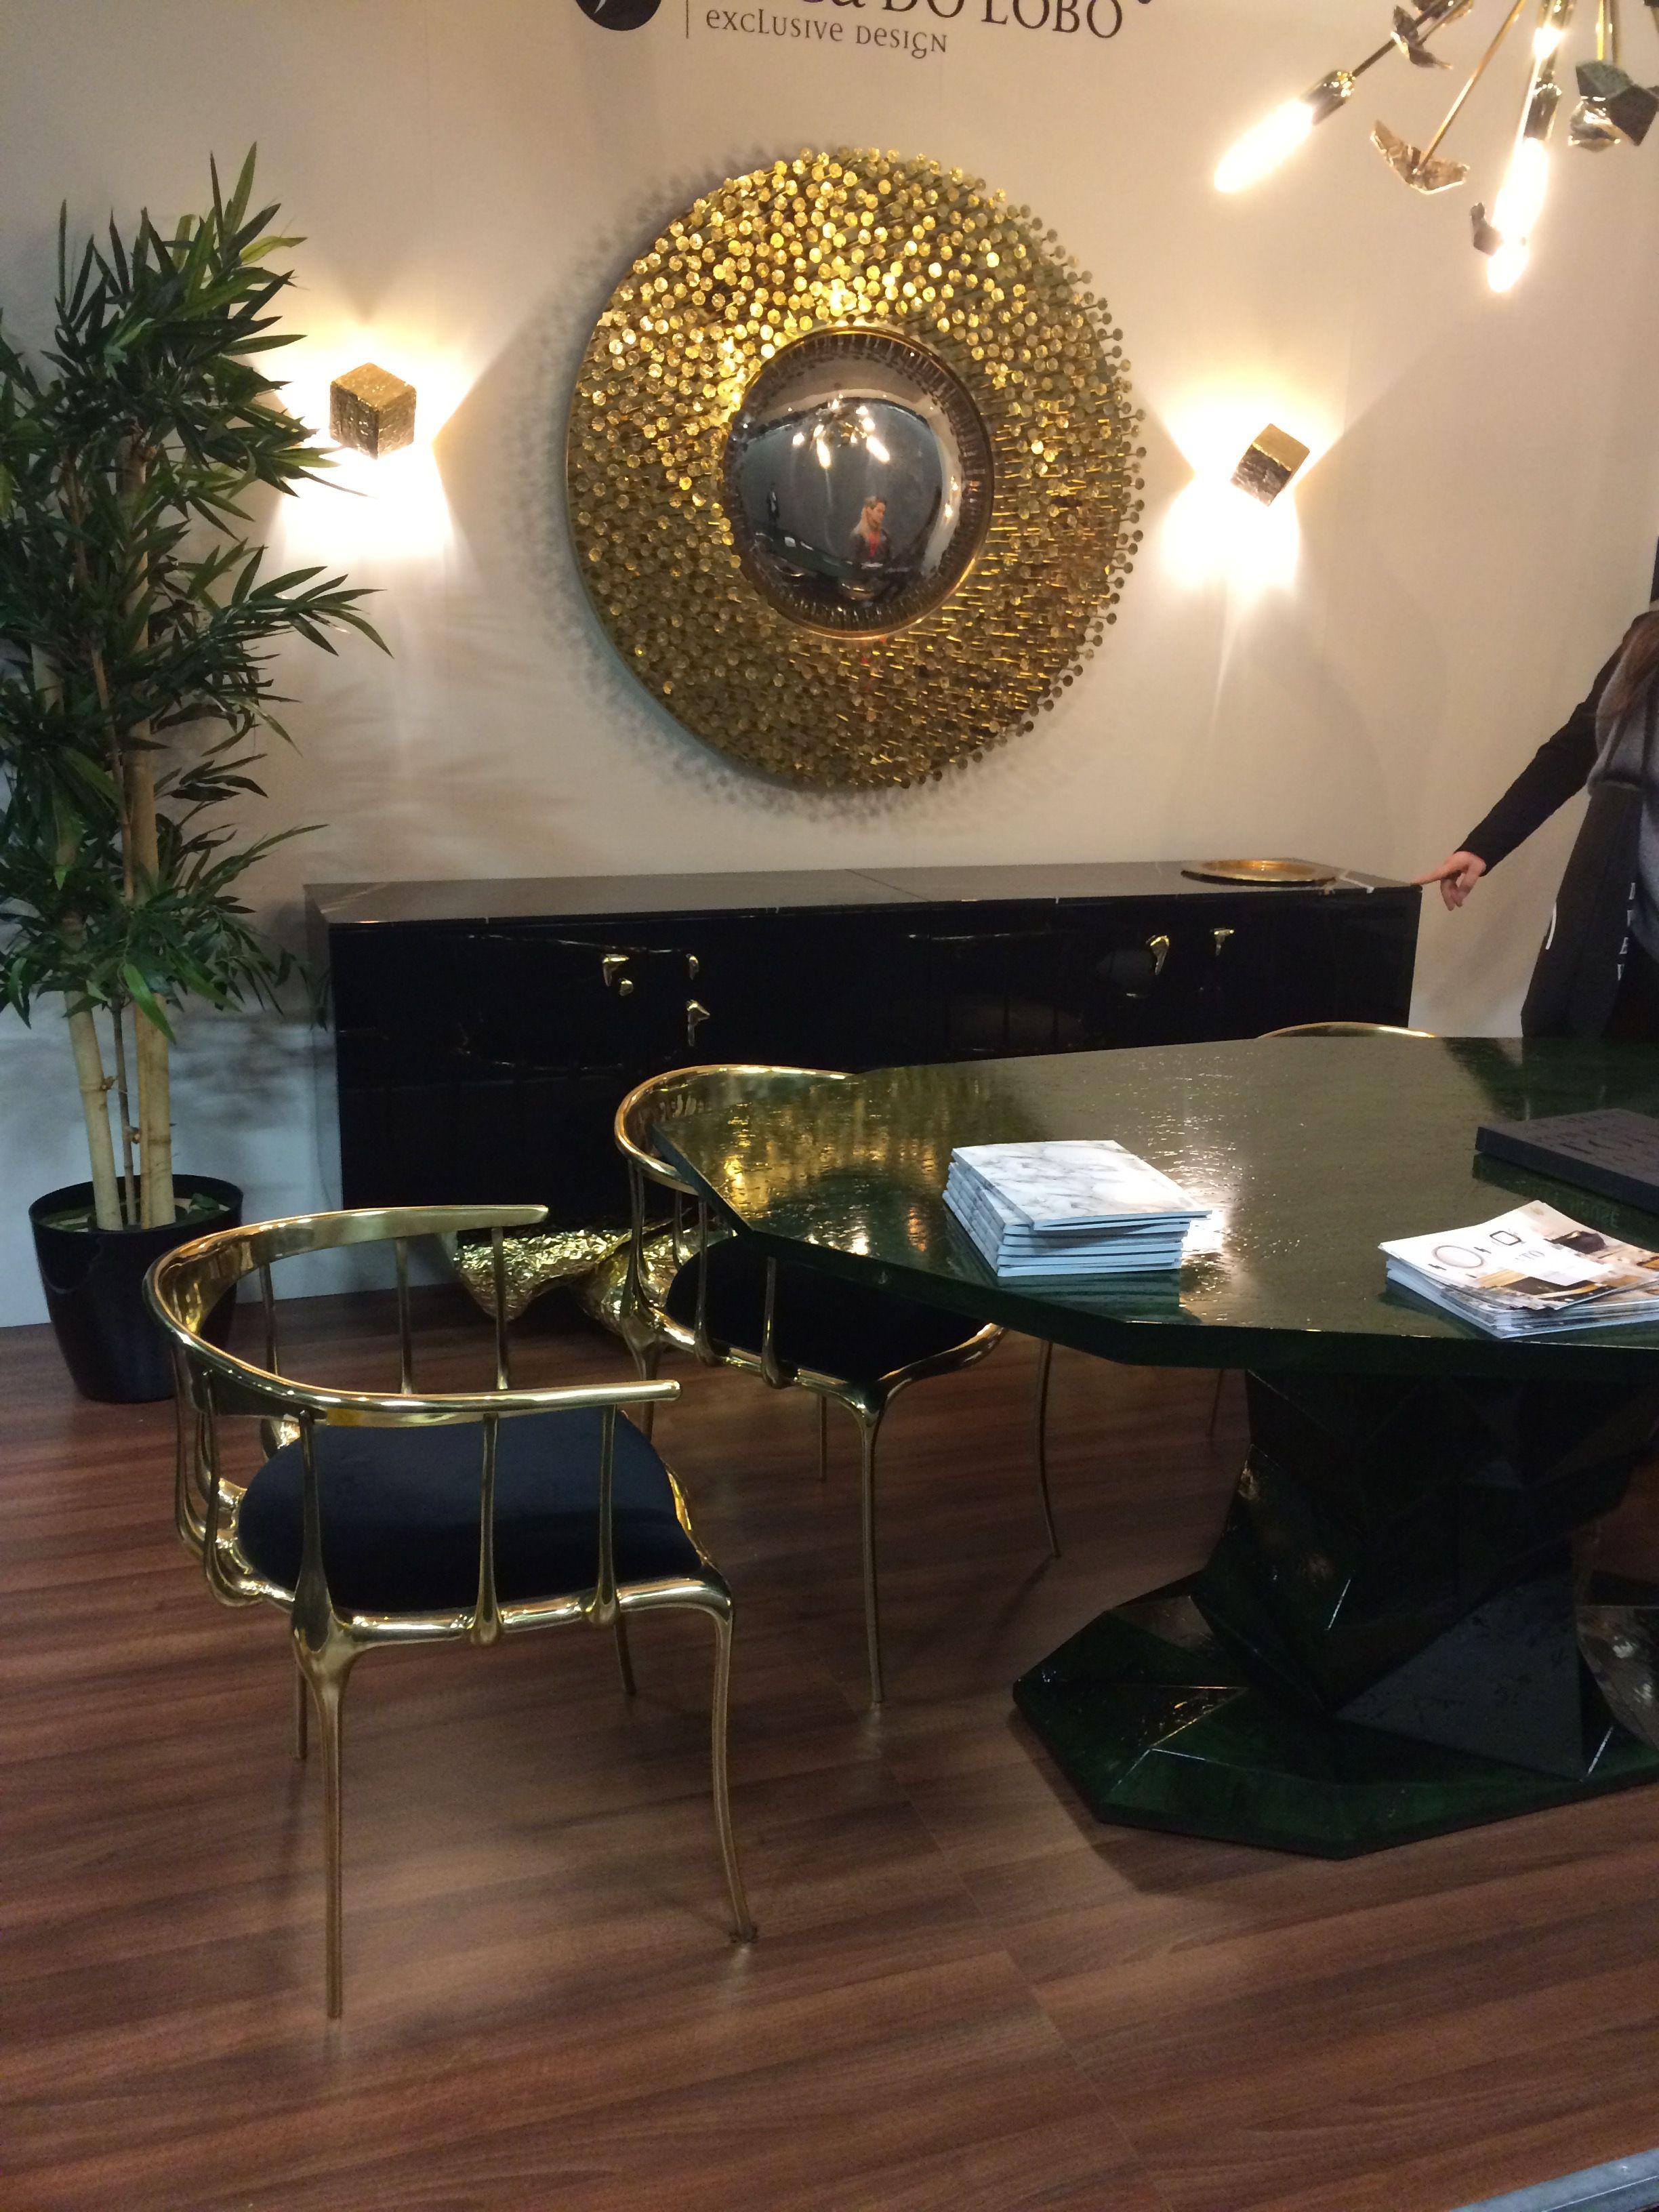 Some Interesting Pieces From The Imm Cologne 2019 Furniture Fair Des Meubles Qui Ont Retenu Notre Attention Lors Du Salon Du Meuble De Home Decor Decor Home